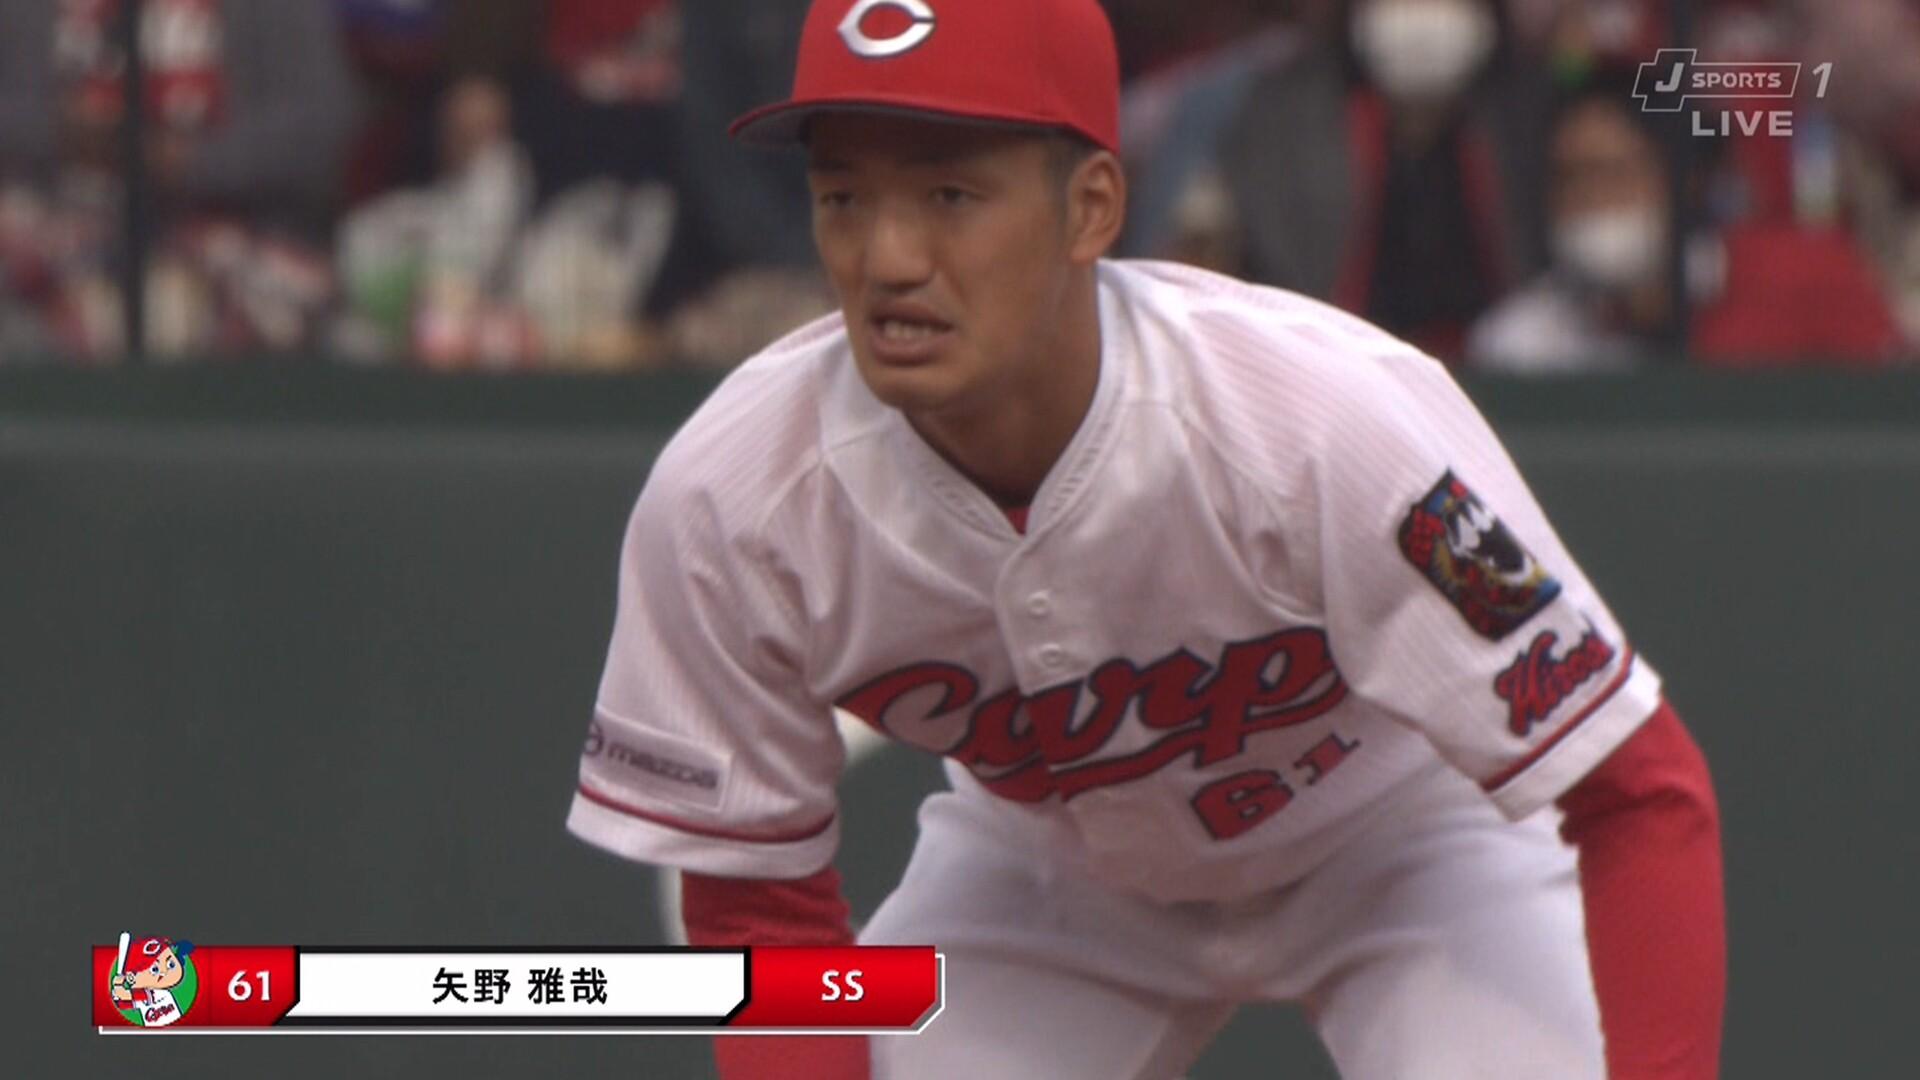 【強肩】 広島・ルーキー矢野、えげつない送球で西川遥輝の内野安打を阻止!